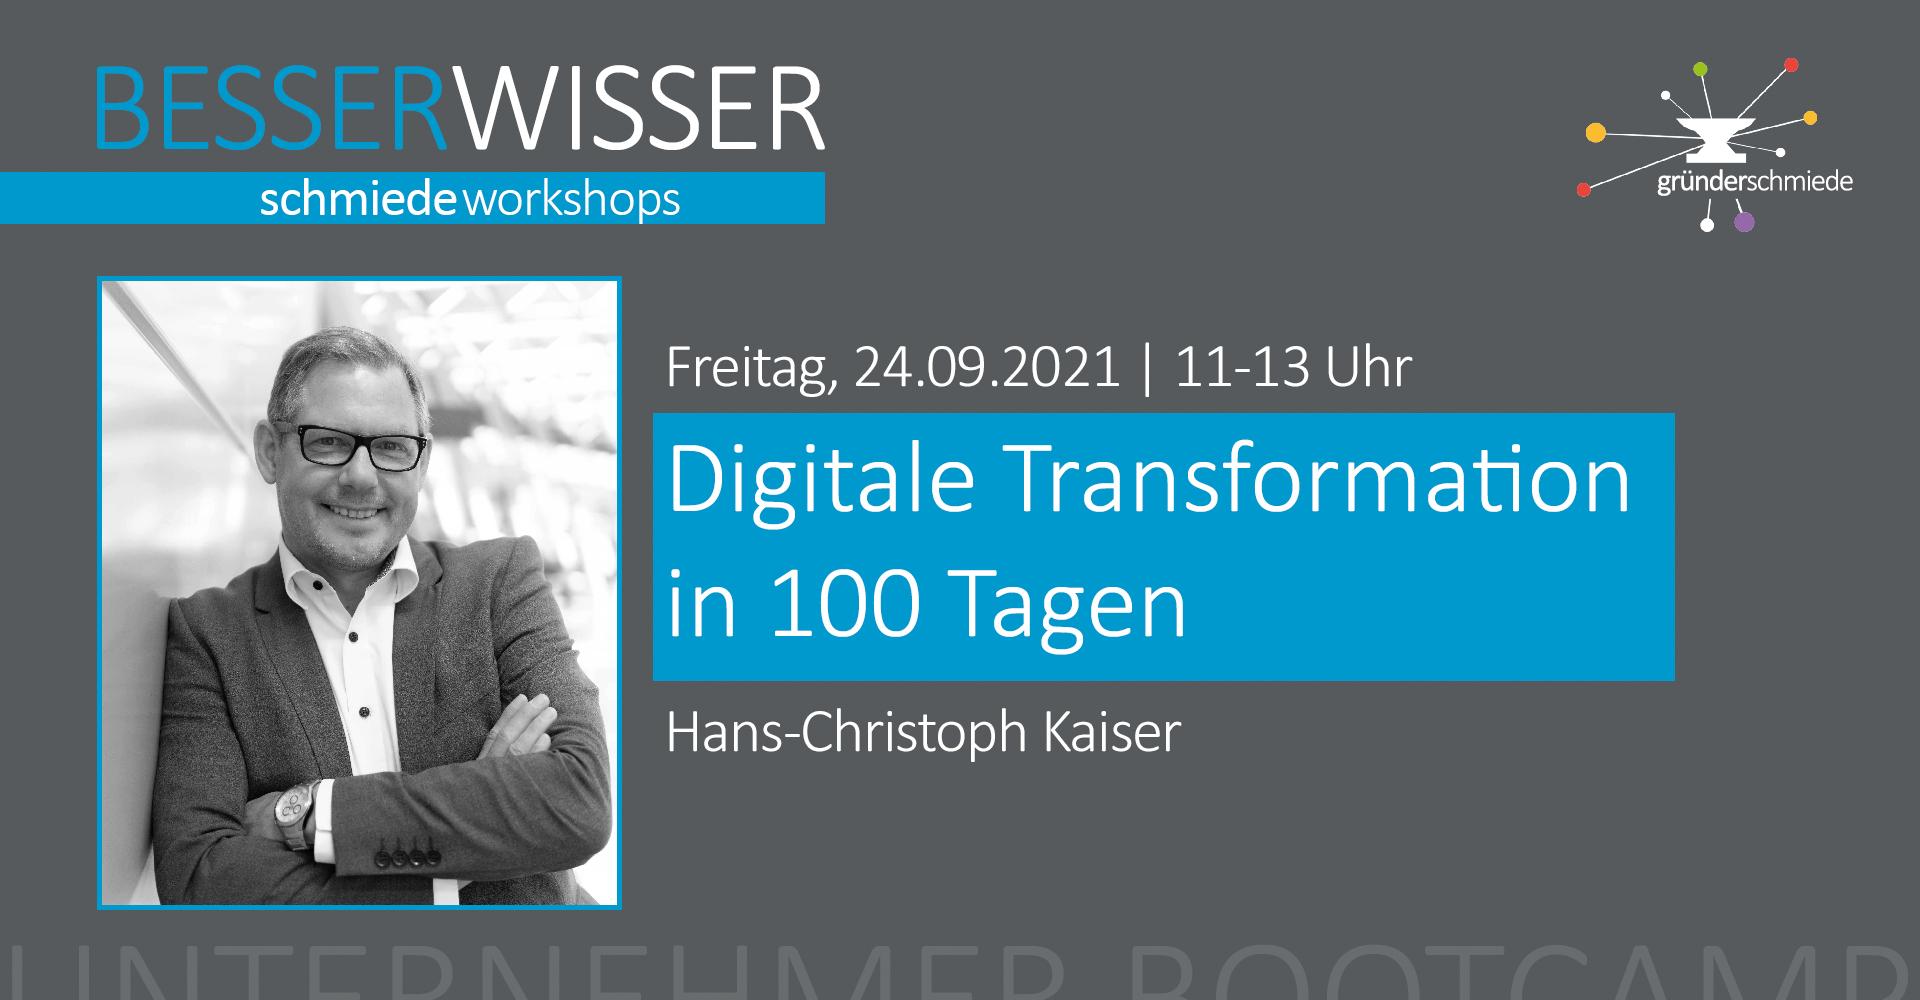 Digitale Transformation in 100 Tagen